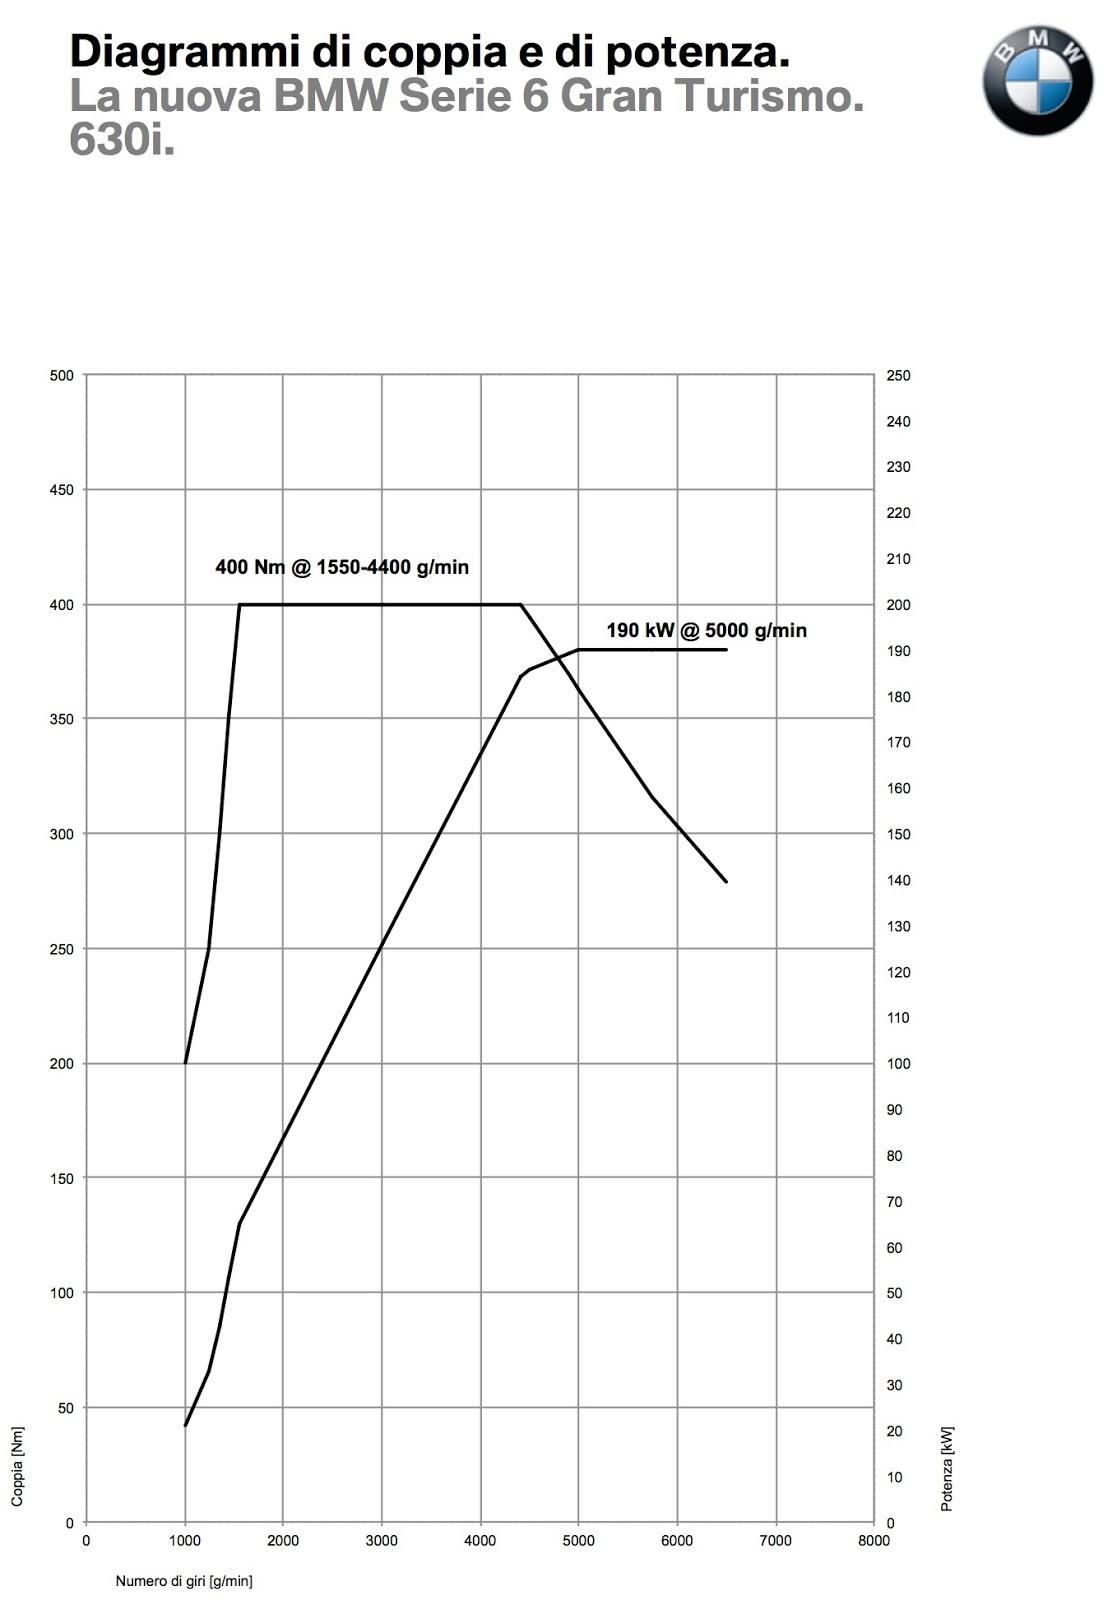 diagramma coppia e potenza motore 630i bmw serie 6 gt